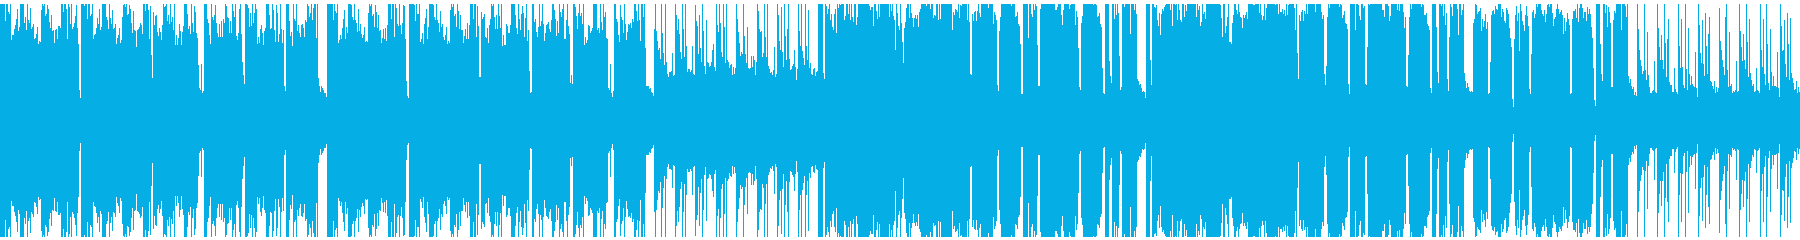 牧歌的なケルト風の楽曲(ループ対応)の再生済みの波形